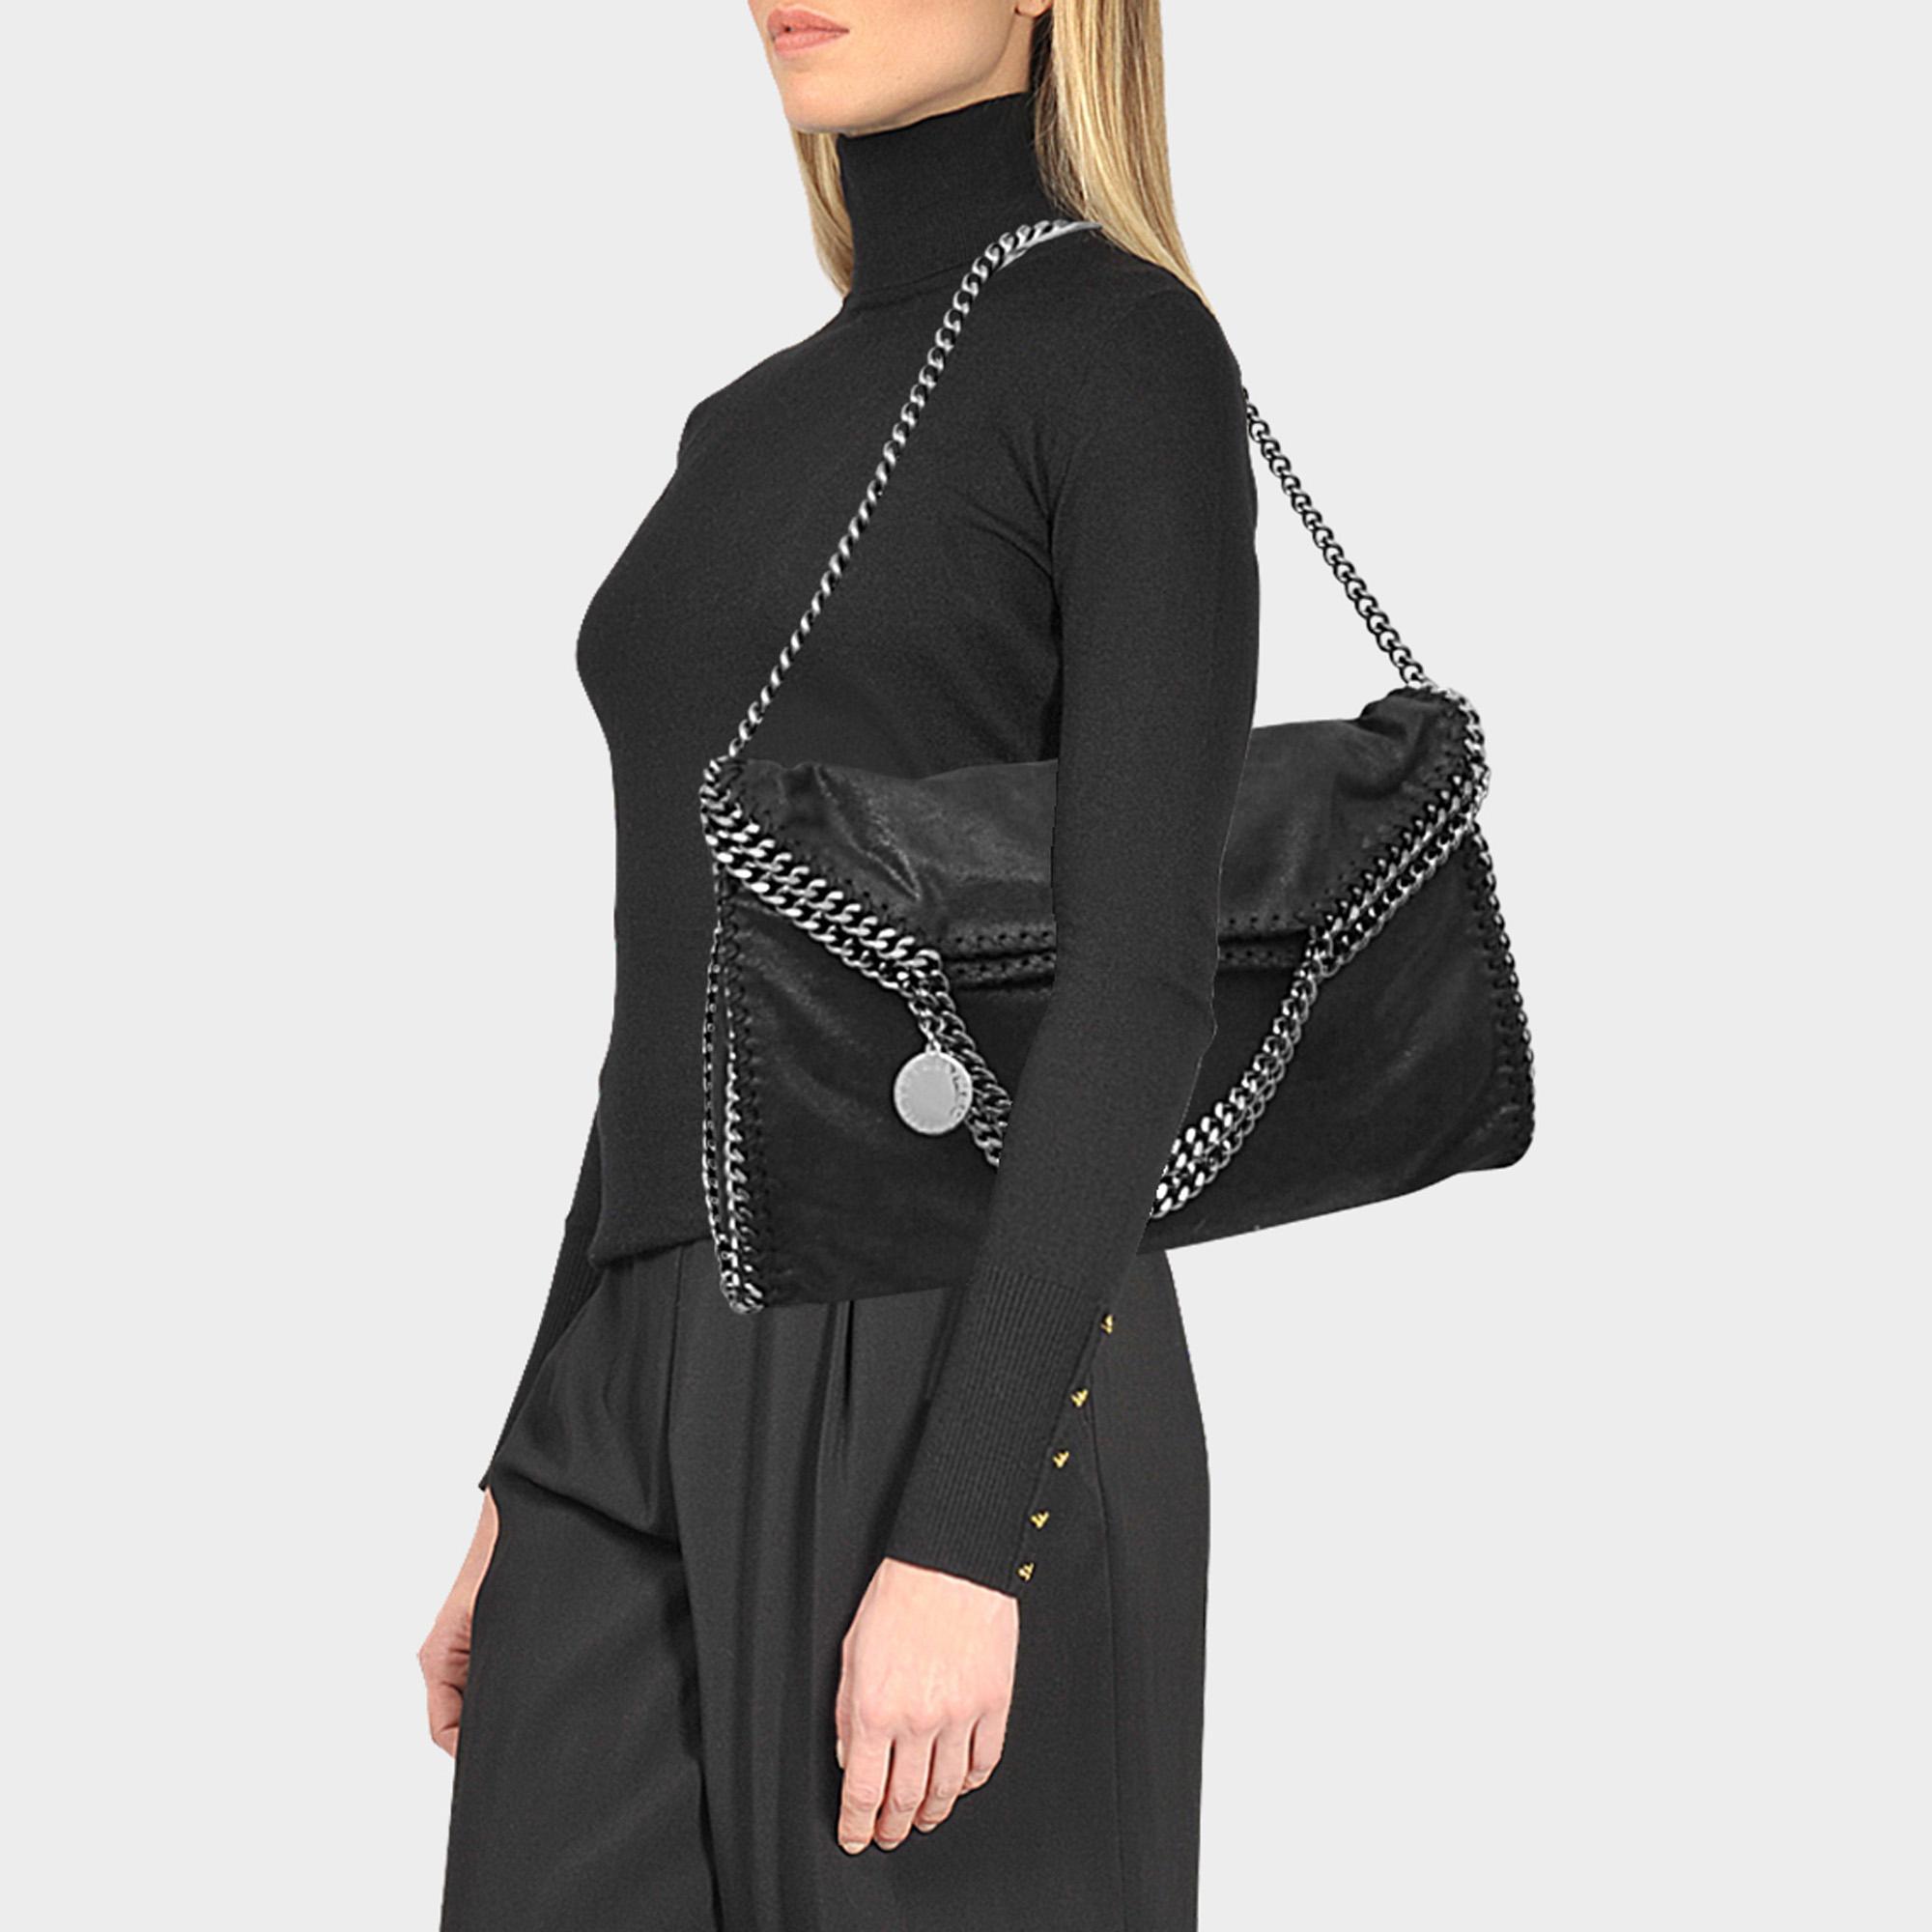 Stella McCartney - Shaggy Deer Falabella Three Chains Bag In Black Eco  Leather - Lyst. View fullscreen 62fca299253ae